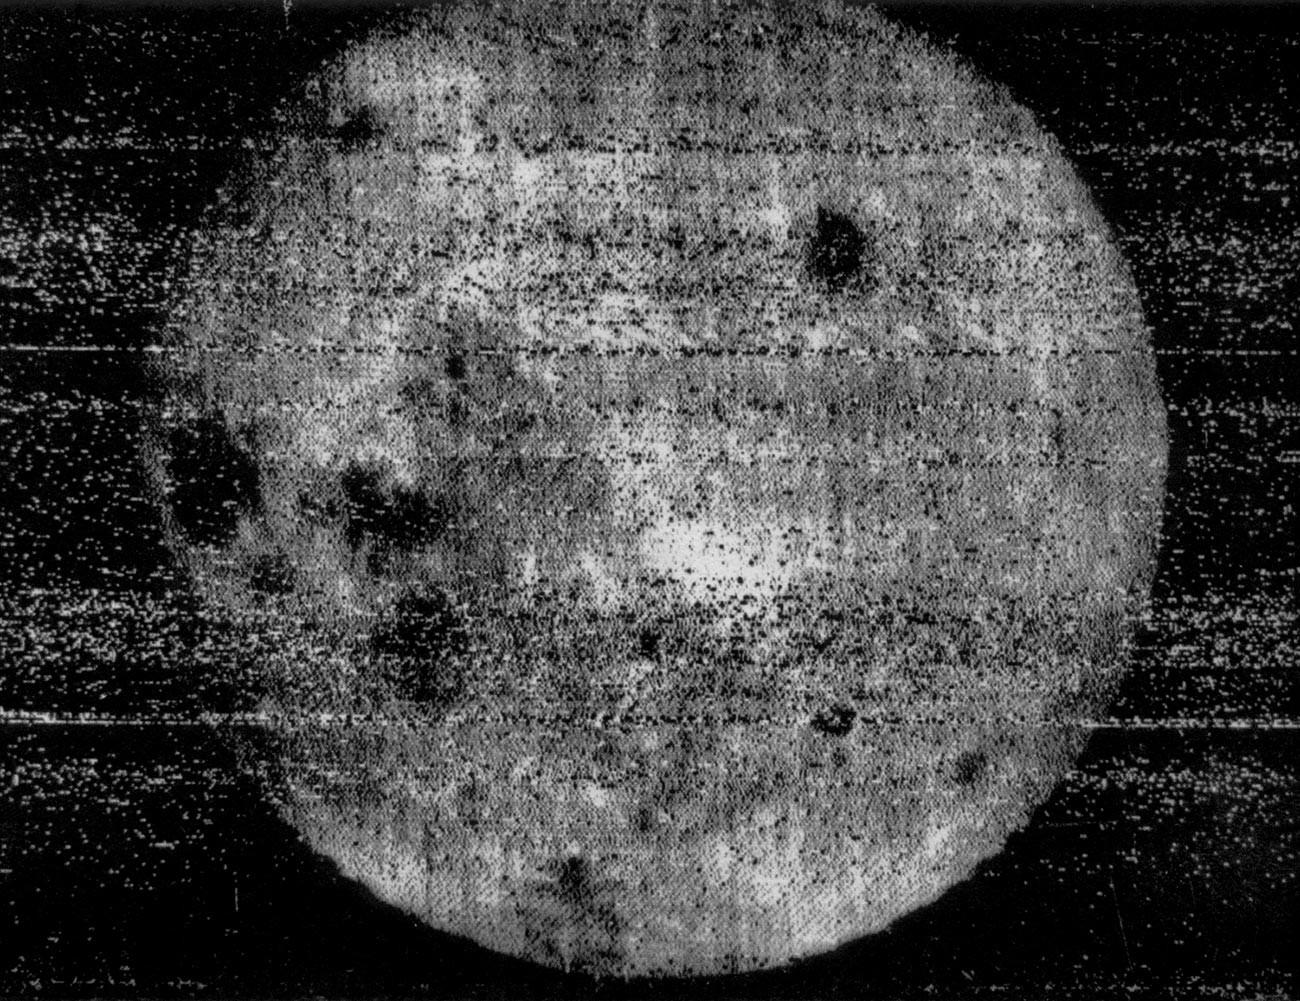 Premier cliché de la face cachée de la Lune